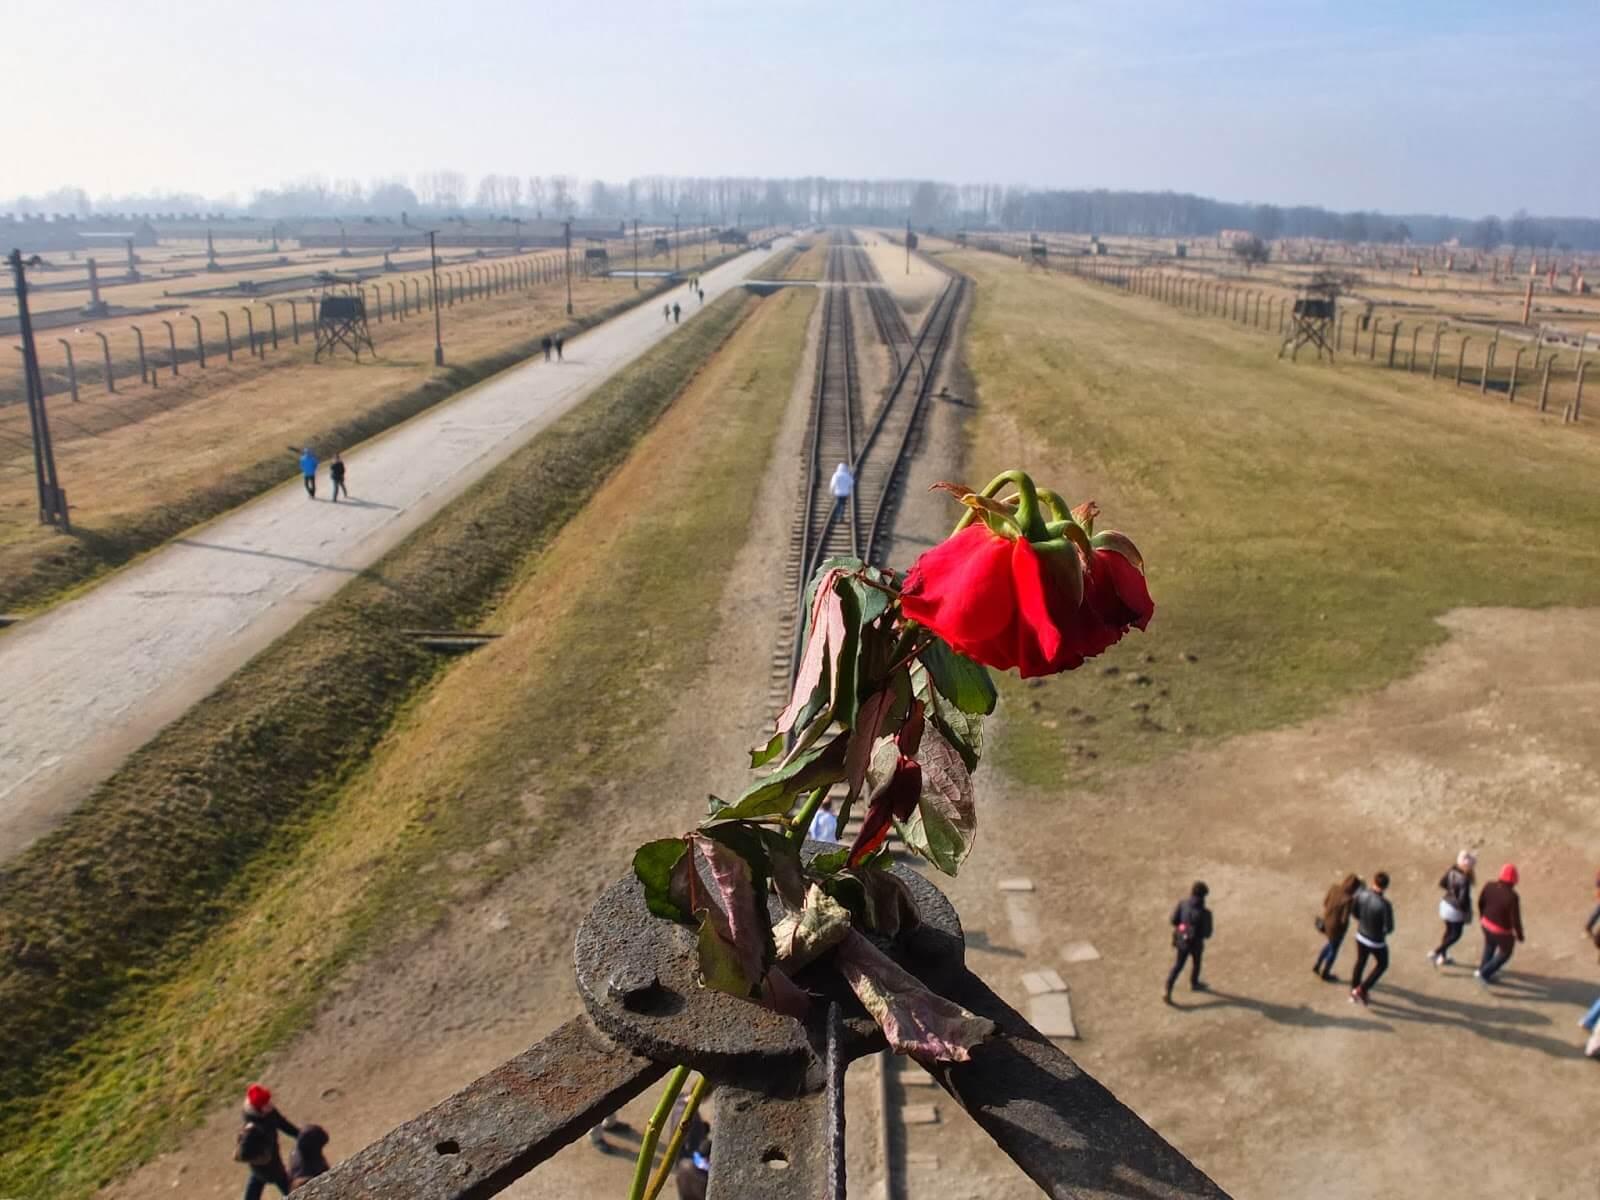 Auschwitz Concentration Camp Tour - Auschwitz I & Auschwitz II-Birkenau.